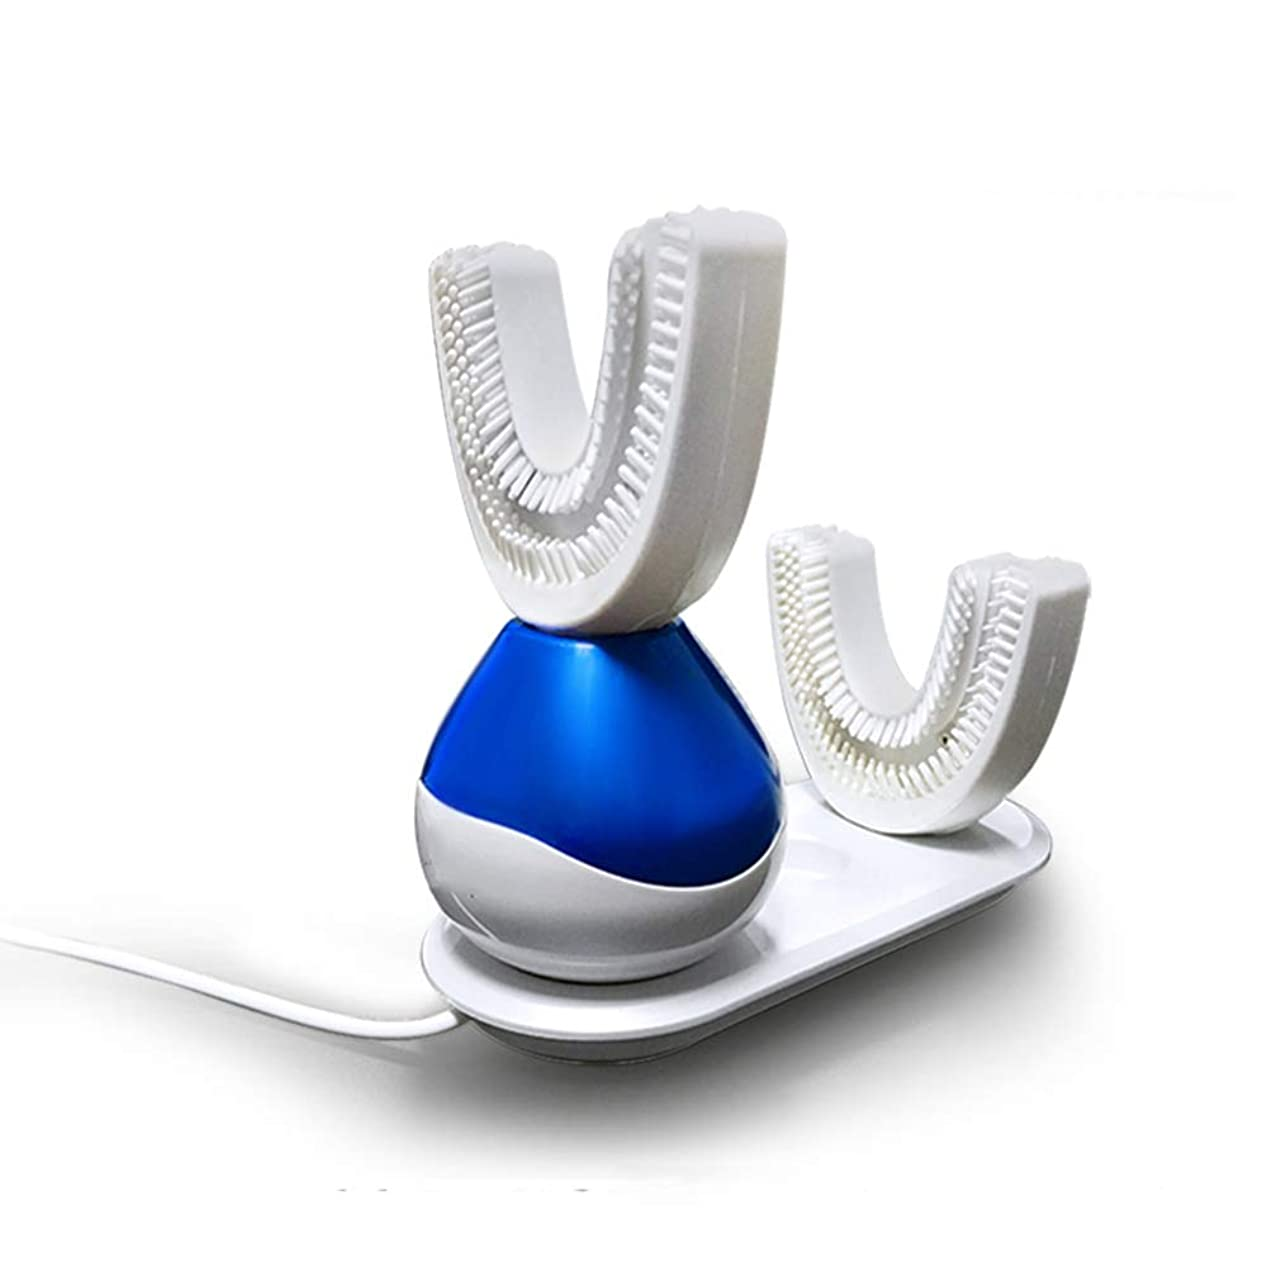 小康感情宿題をする自動電動歯ブラシ、U型歯ブラシヘッドでブラシをかけられたすべての歯を充電するスマートワイヤレス